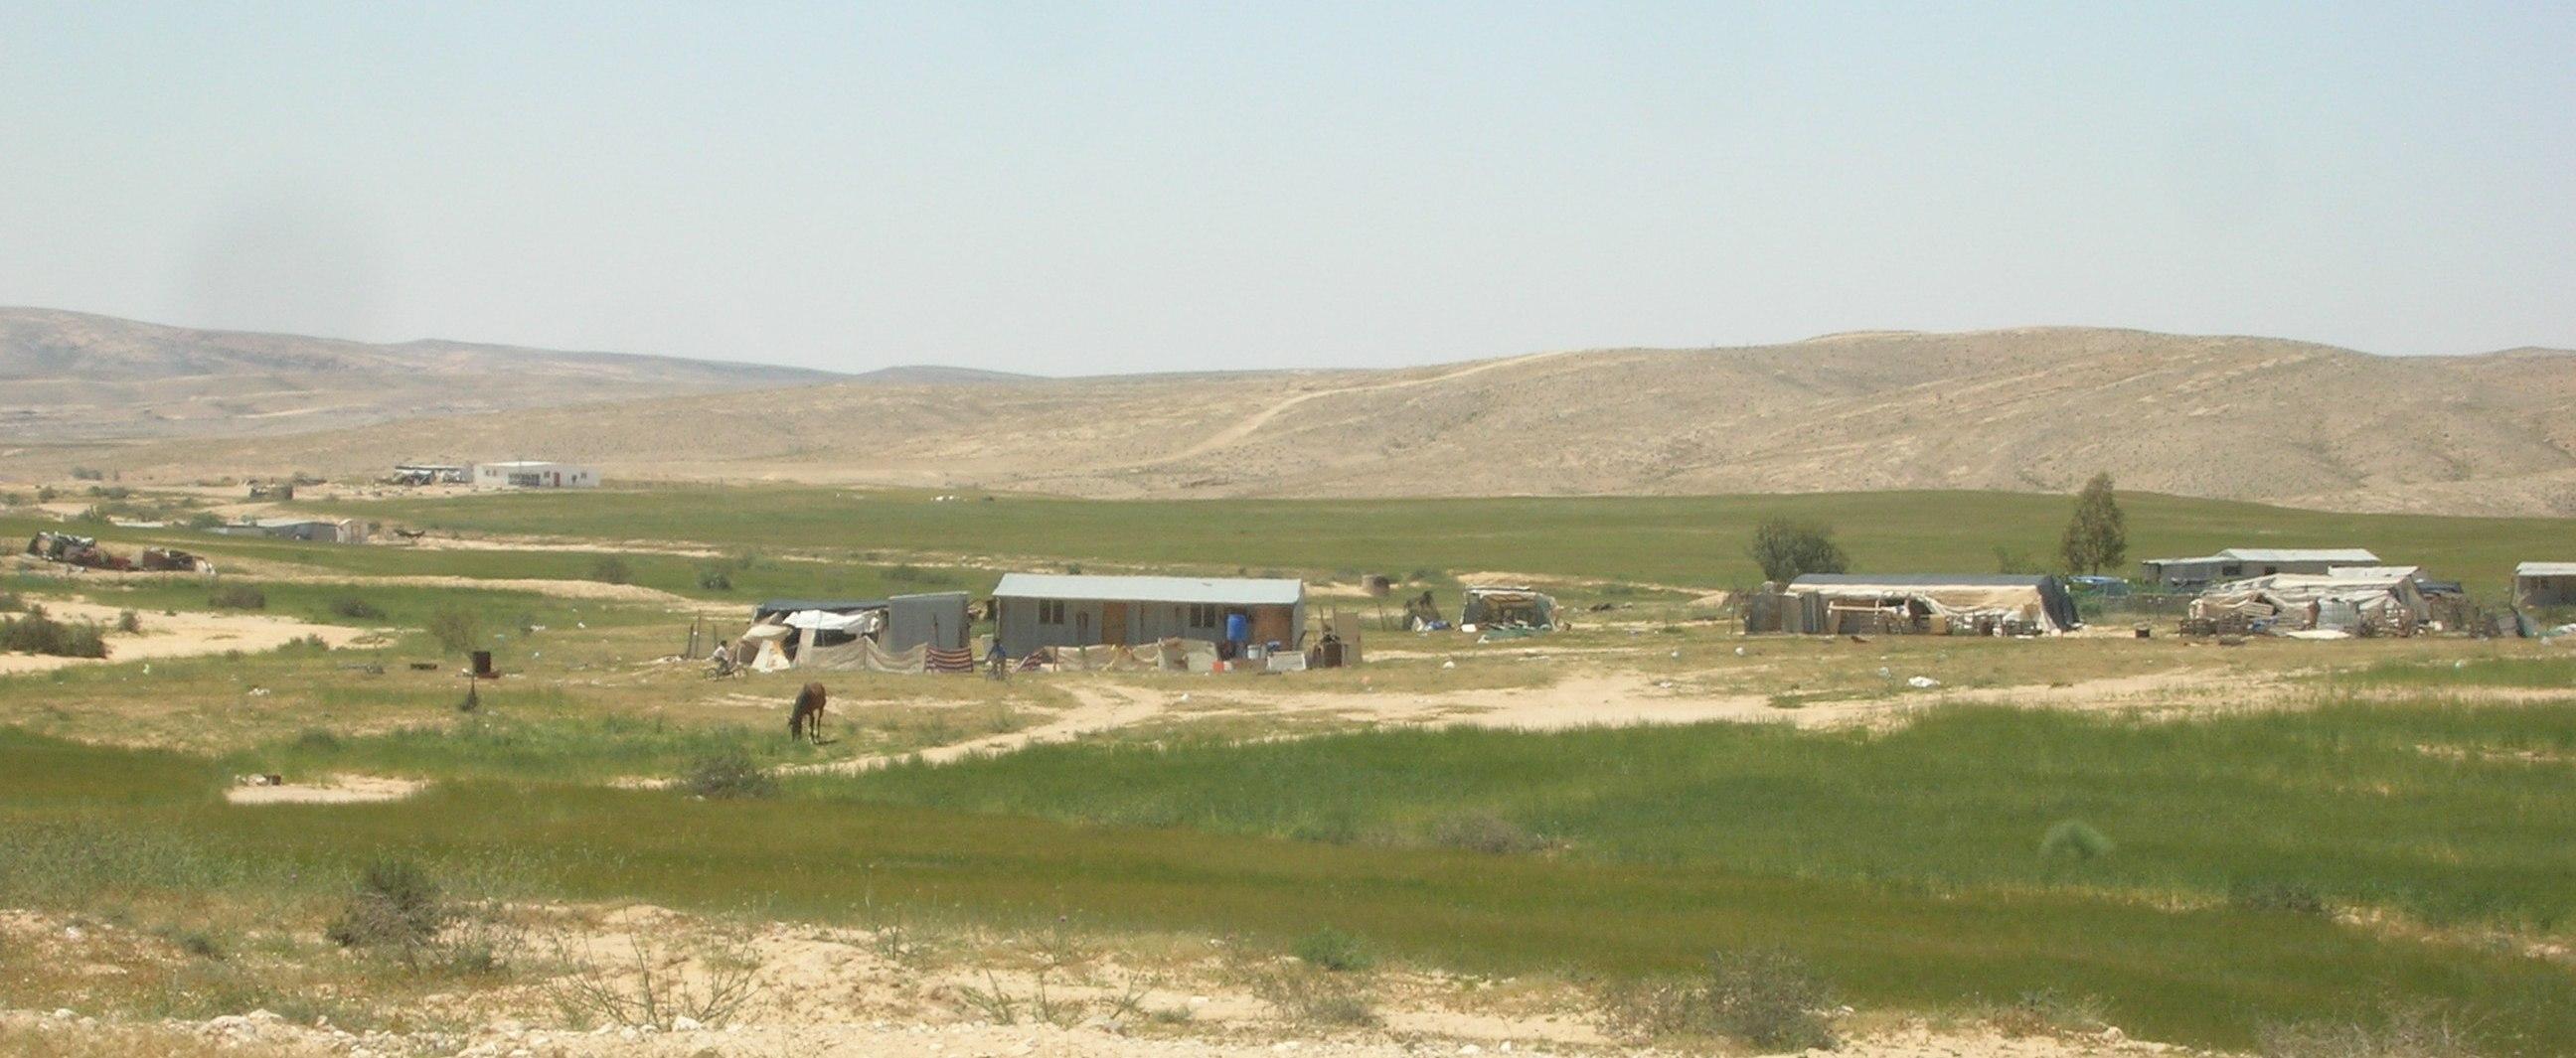 上图:以色列南地旷野(Negev Desert)的农场。这里只要有水源,就可以耕种。